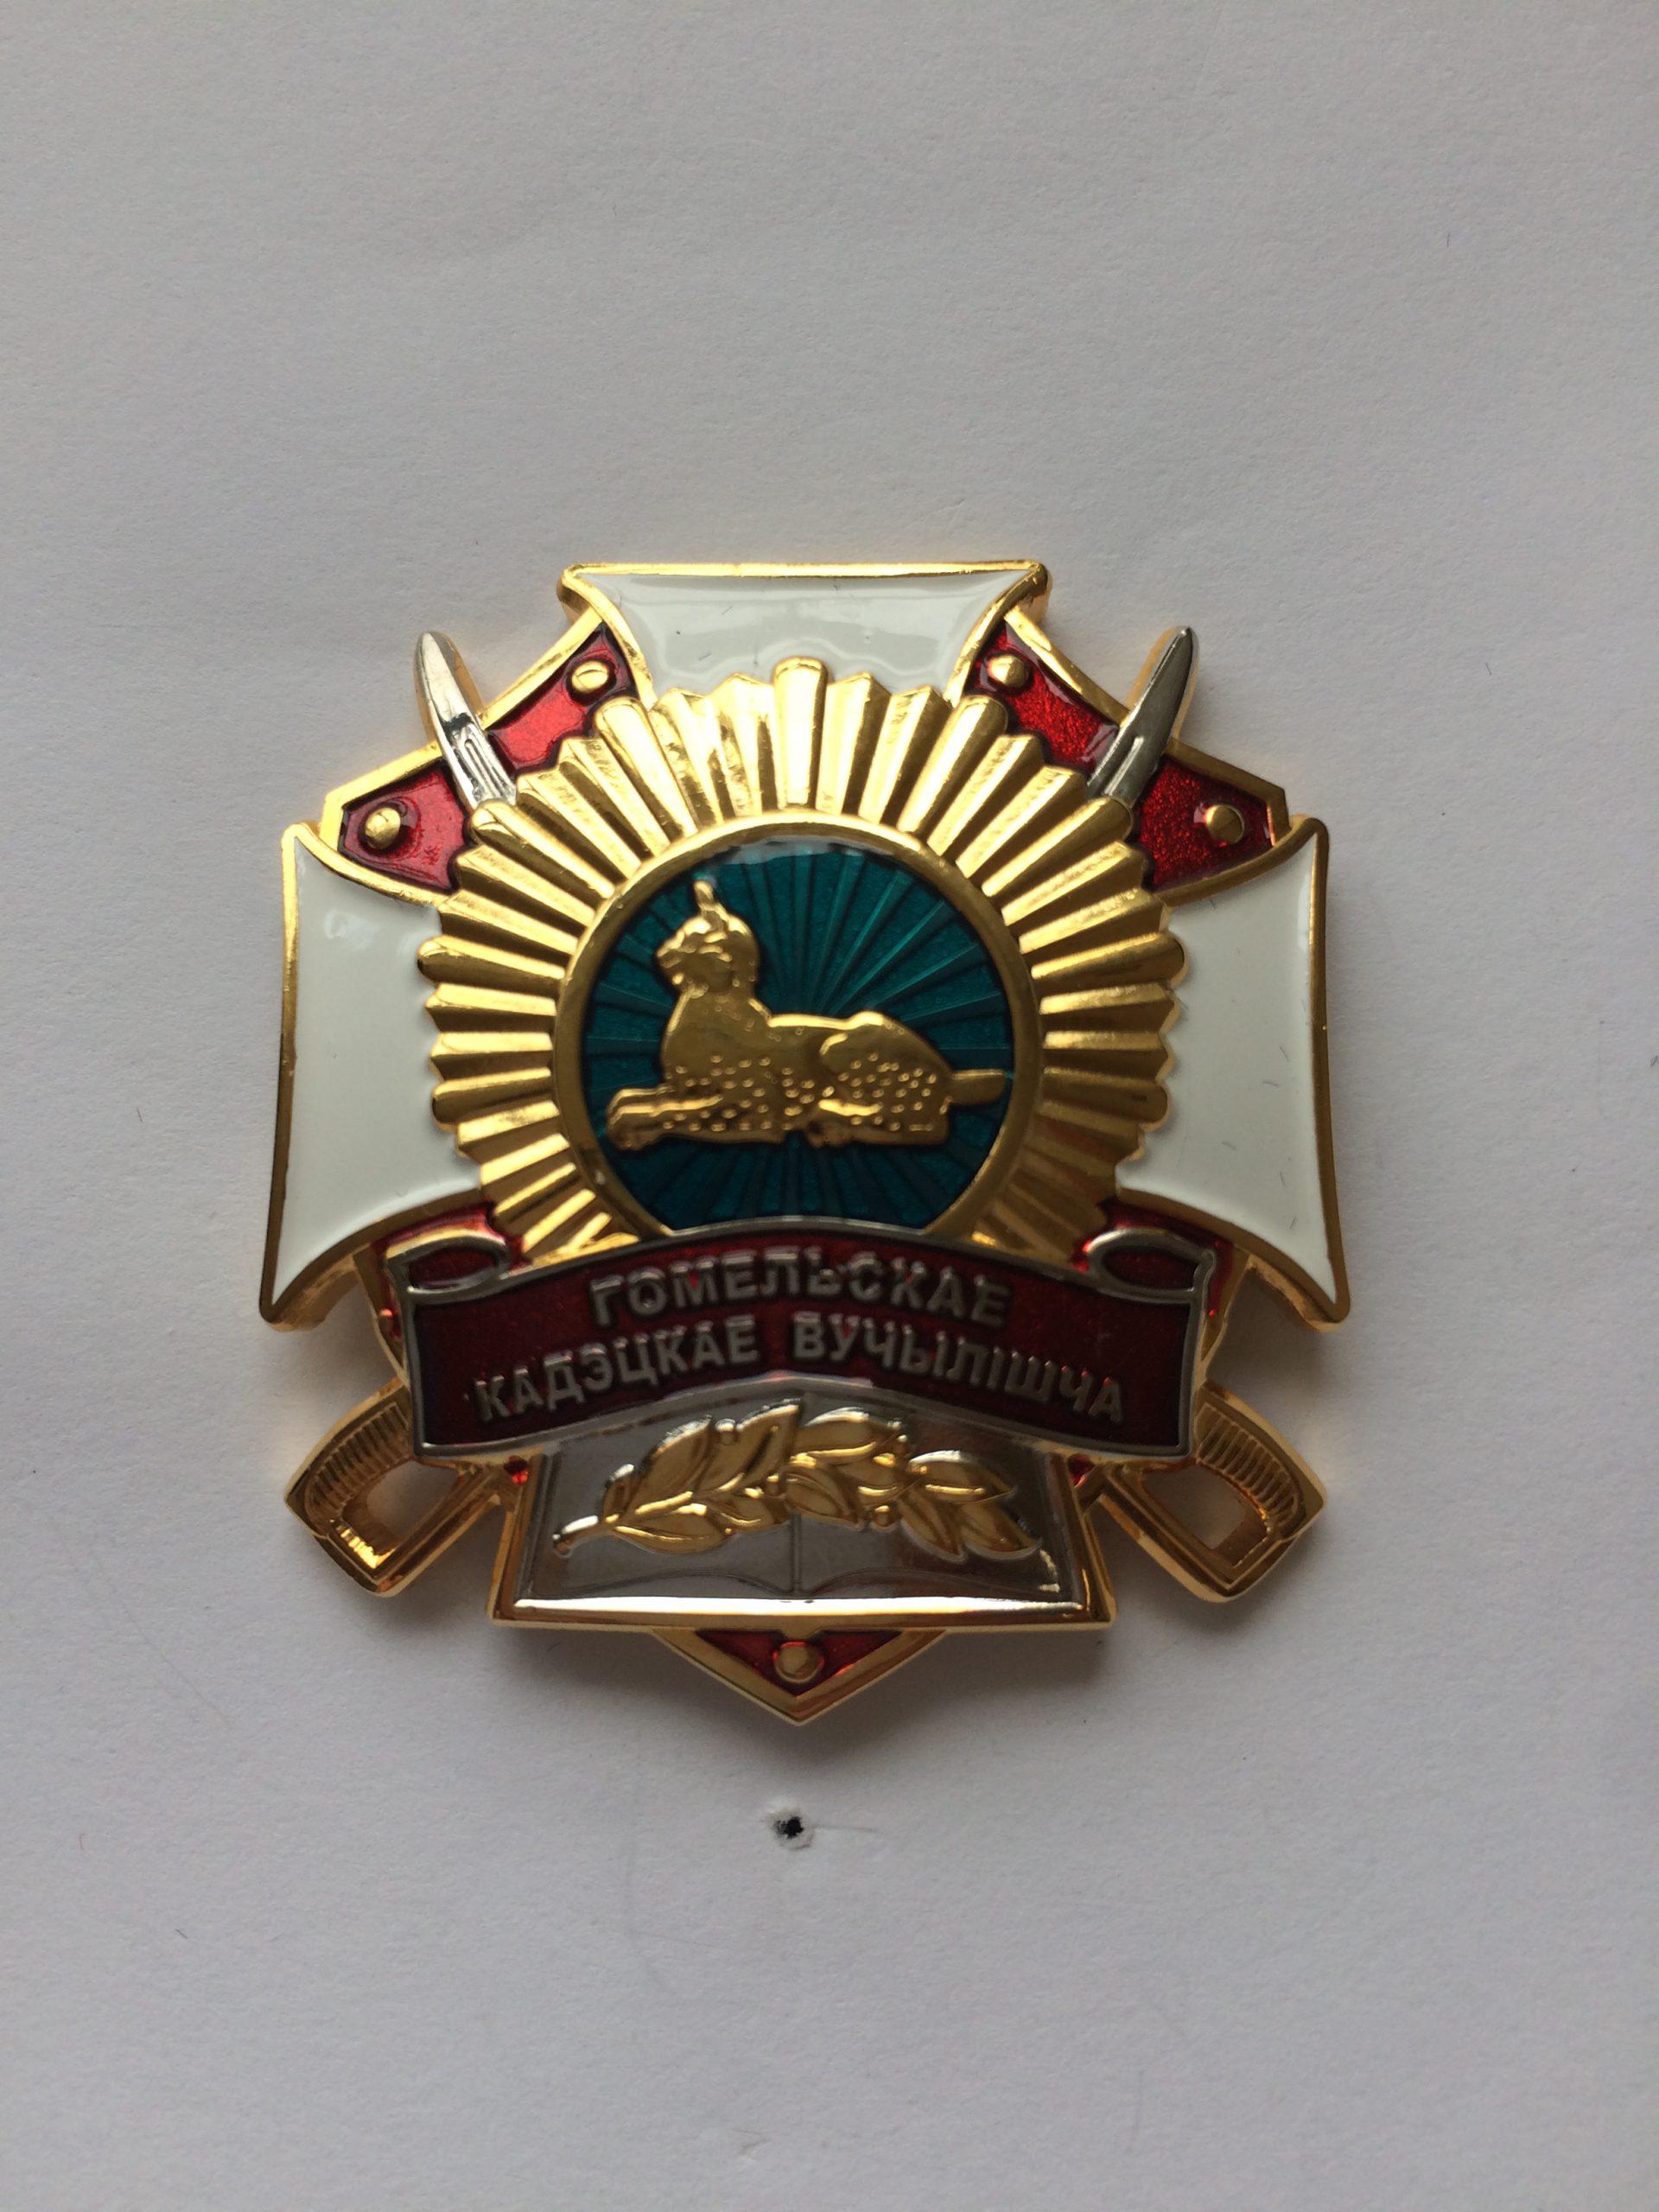 В-1496_Гомельское обл.кадет.уч-ще_НЗ